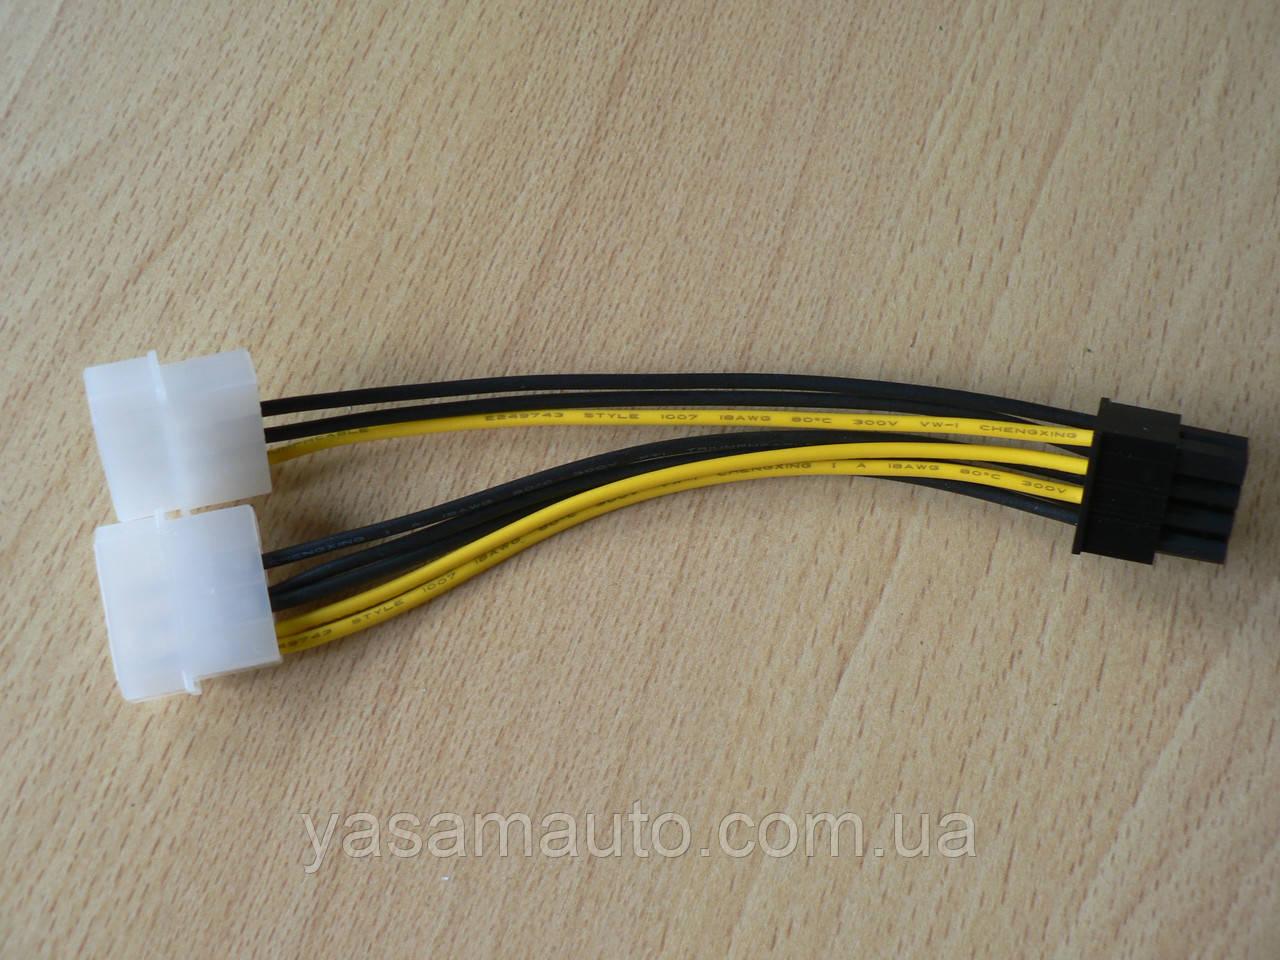 Кабель Переходник питания видеокарт 2 Molex to 8 pin PCI-Express 18AWG